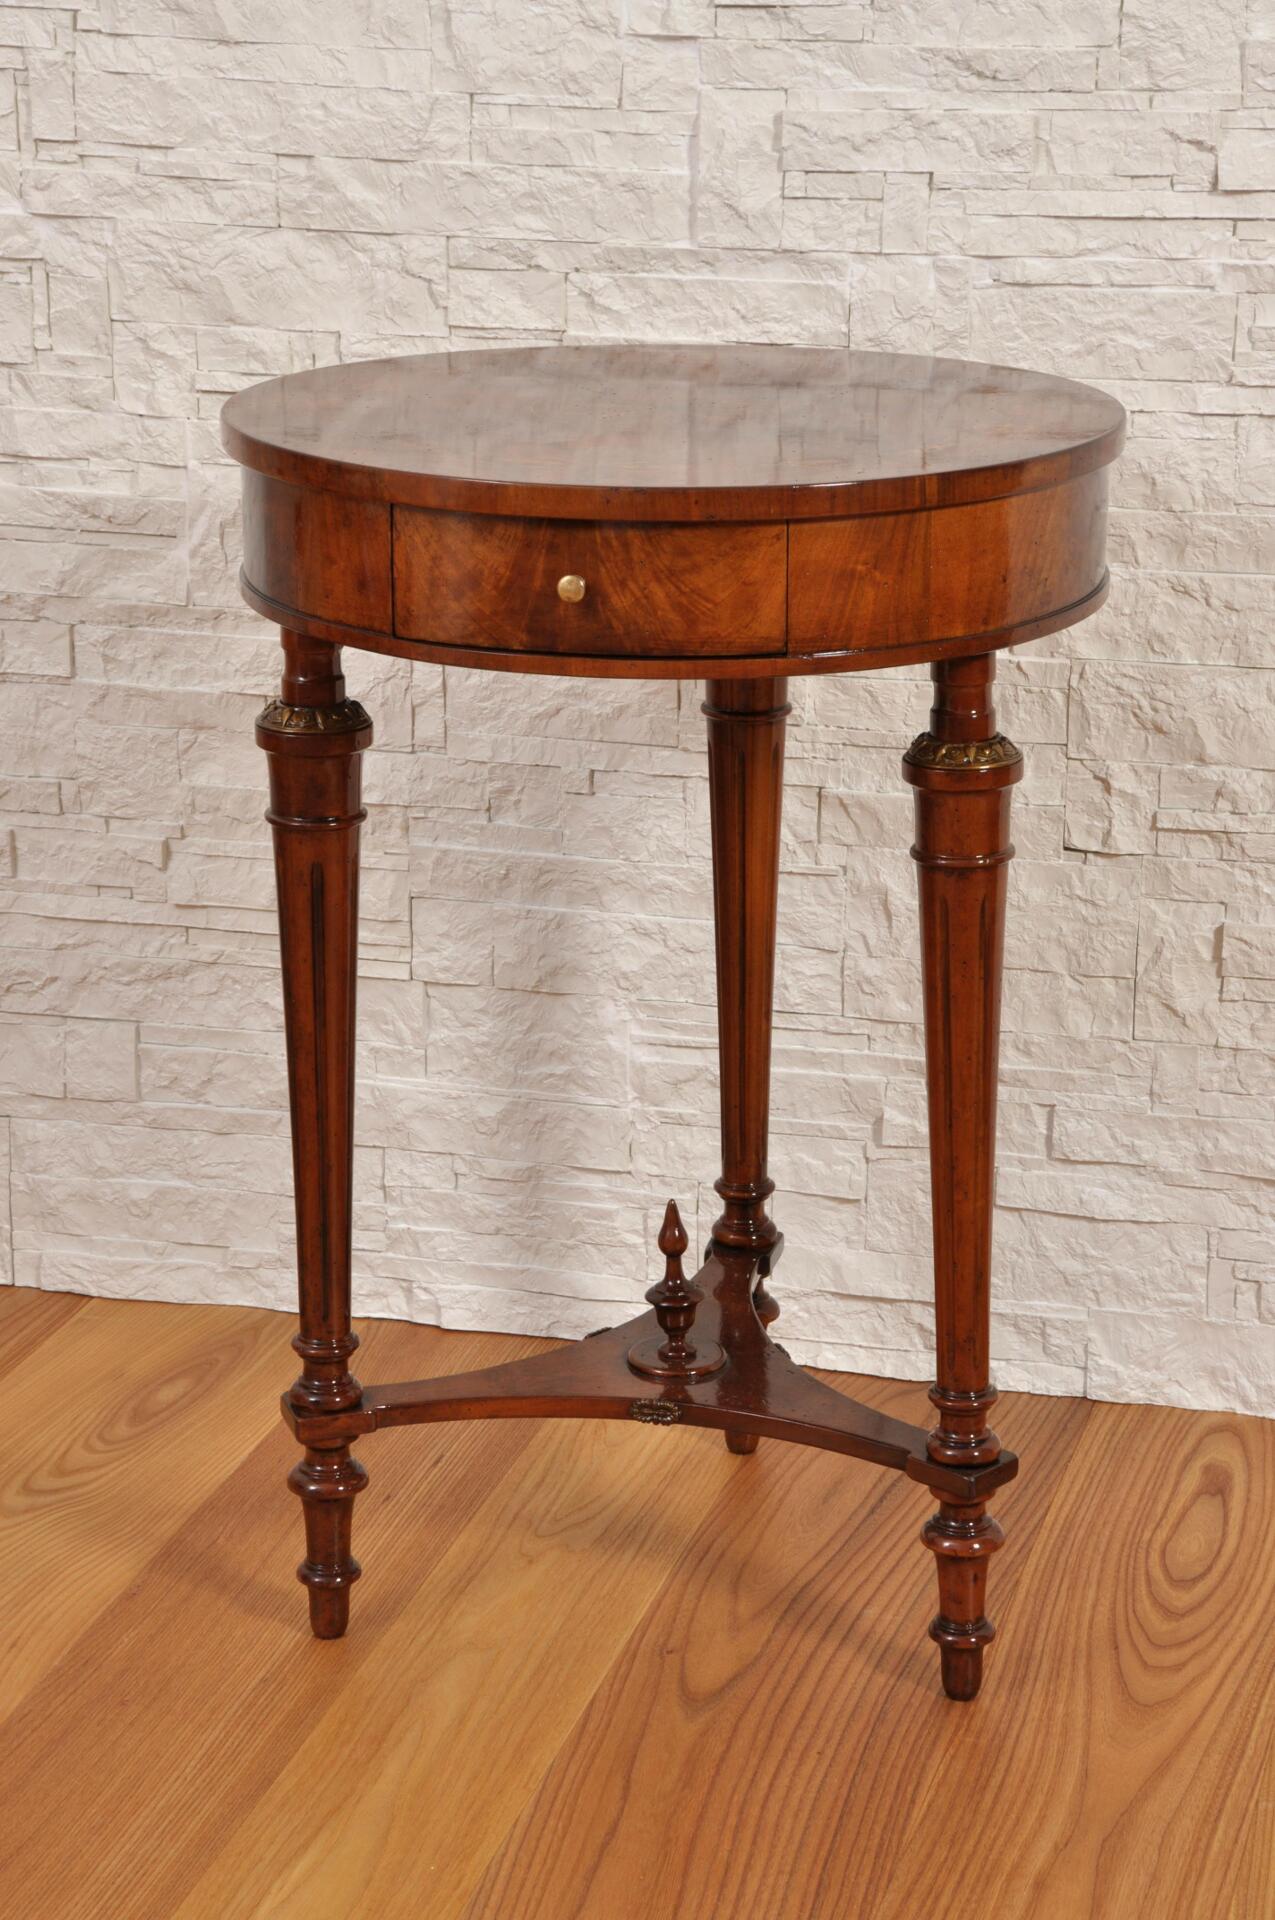 Tavolino rotondo da salotto finemente intarsiato in stile inglese vittoriano mobili vangelista - Mobili stile vittoriano ...